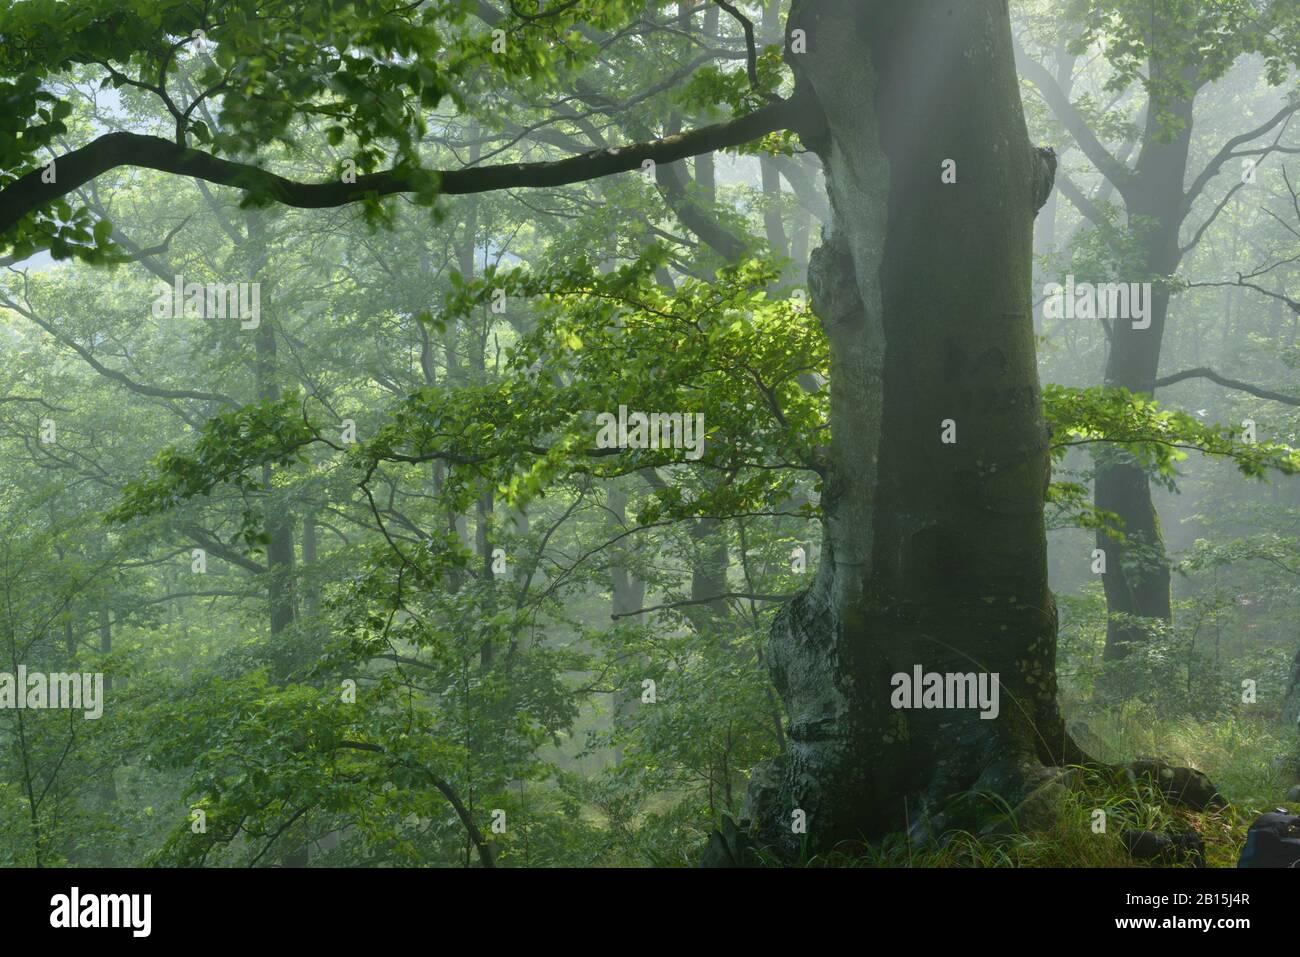 Fagaras-Gebirge Natura 2000-Gebiet / Rumänien: Ungeschützter primärer Buchenwald. Legaler und illegaler Holzeinschlag bedroht den Wildwaldschatz der EU. Stockfoto